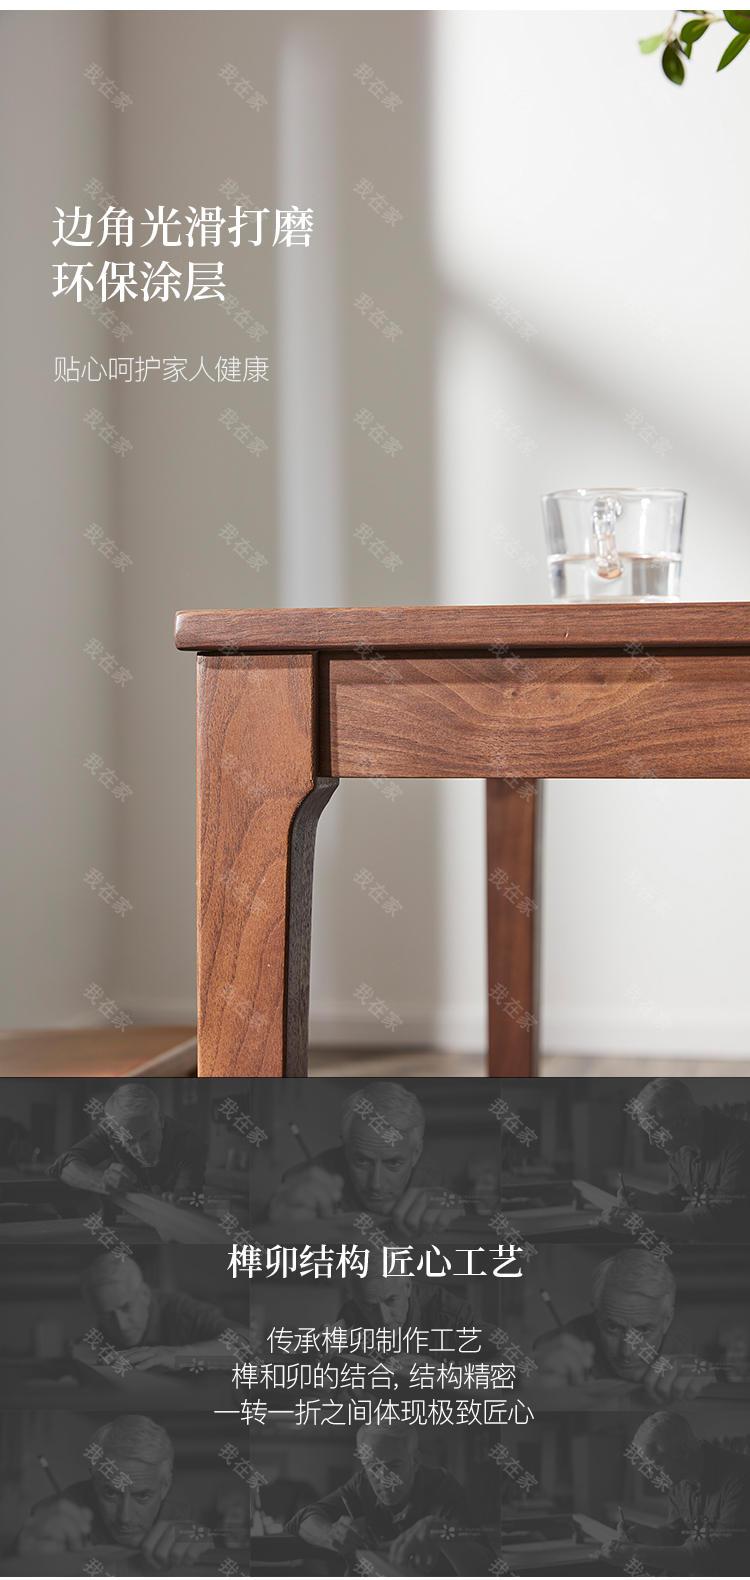 原木北欧风格云渺餐桌的家具详细介绍